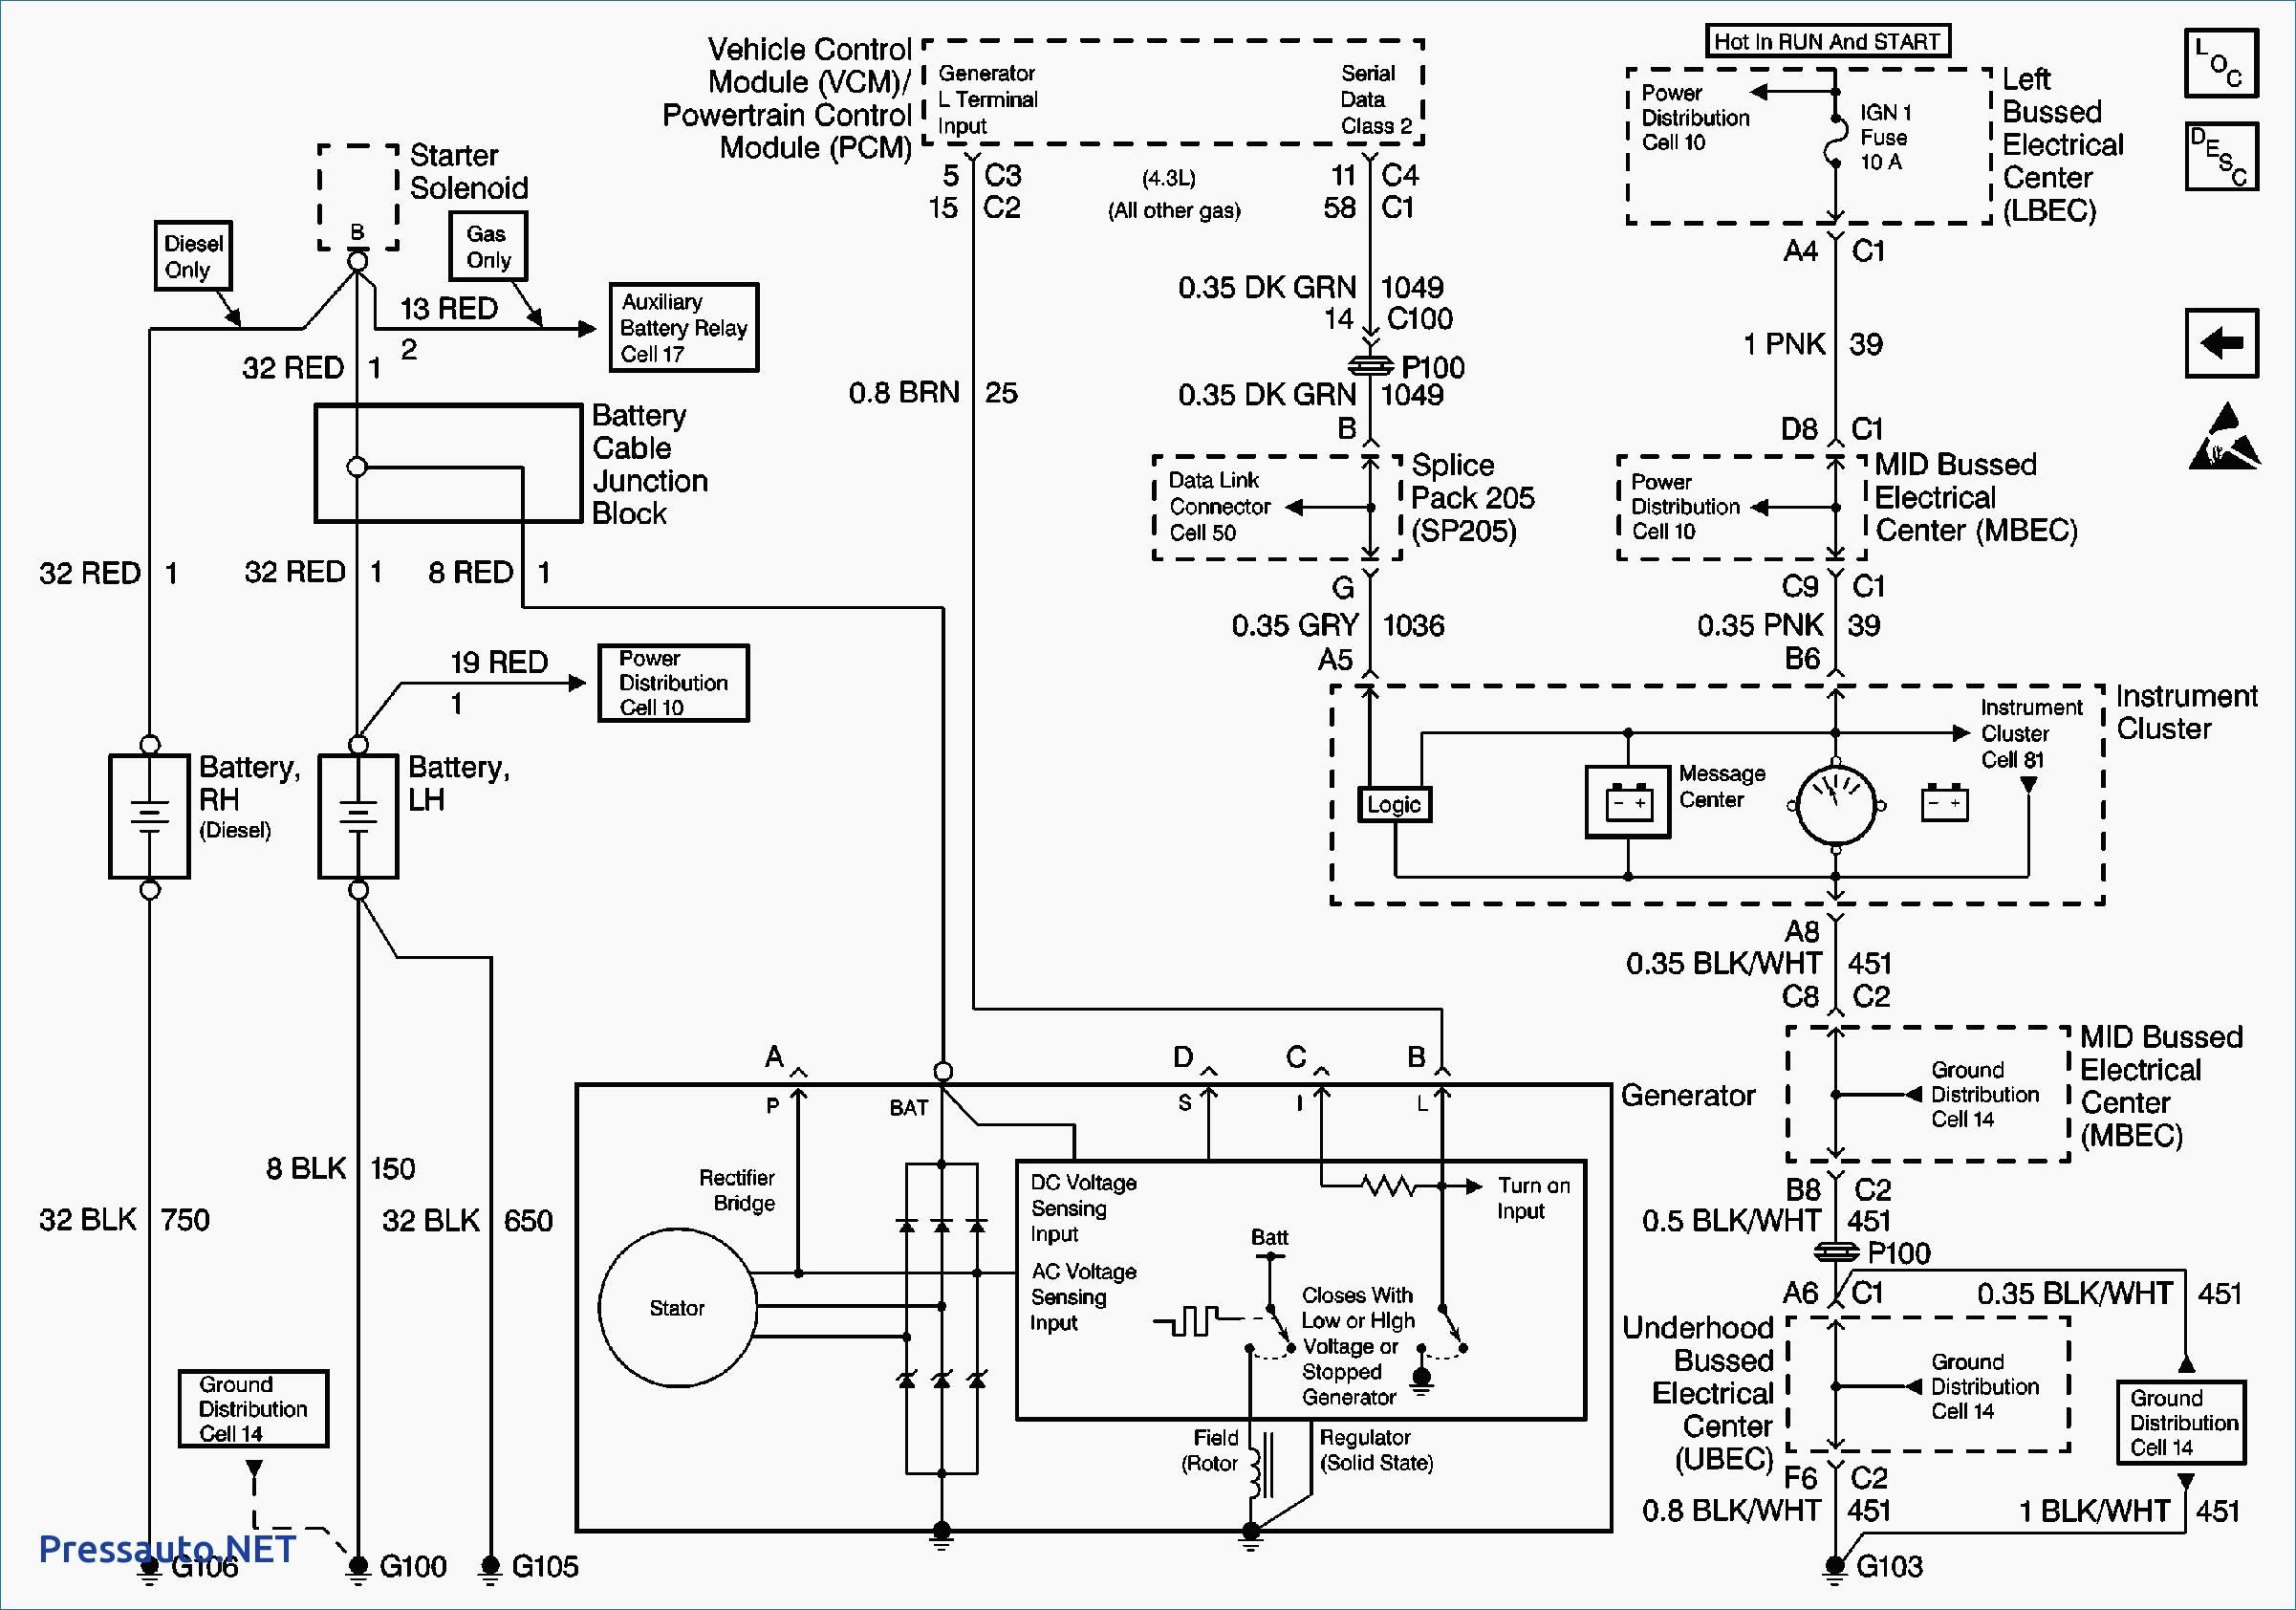 2002 Chevy Silverado Wiring Diagram 2003 Chevy Silverado Wiring Diagram  Pressauto Net with Wiring Diagrams Of